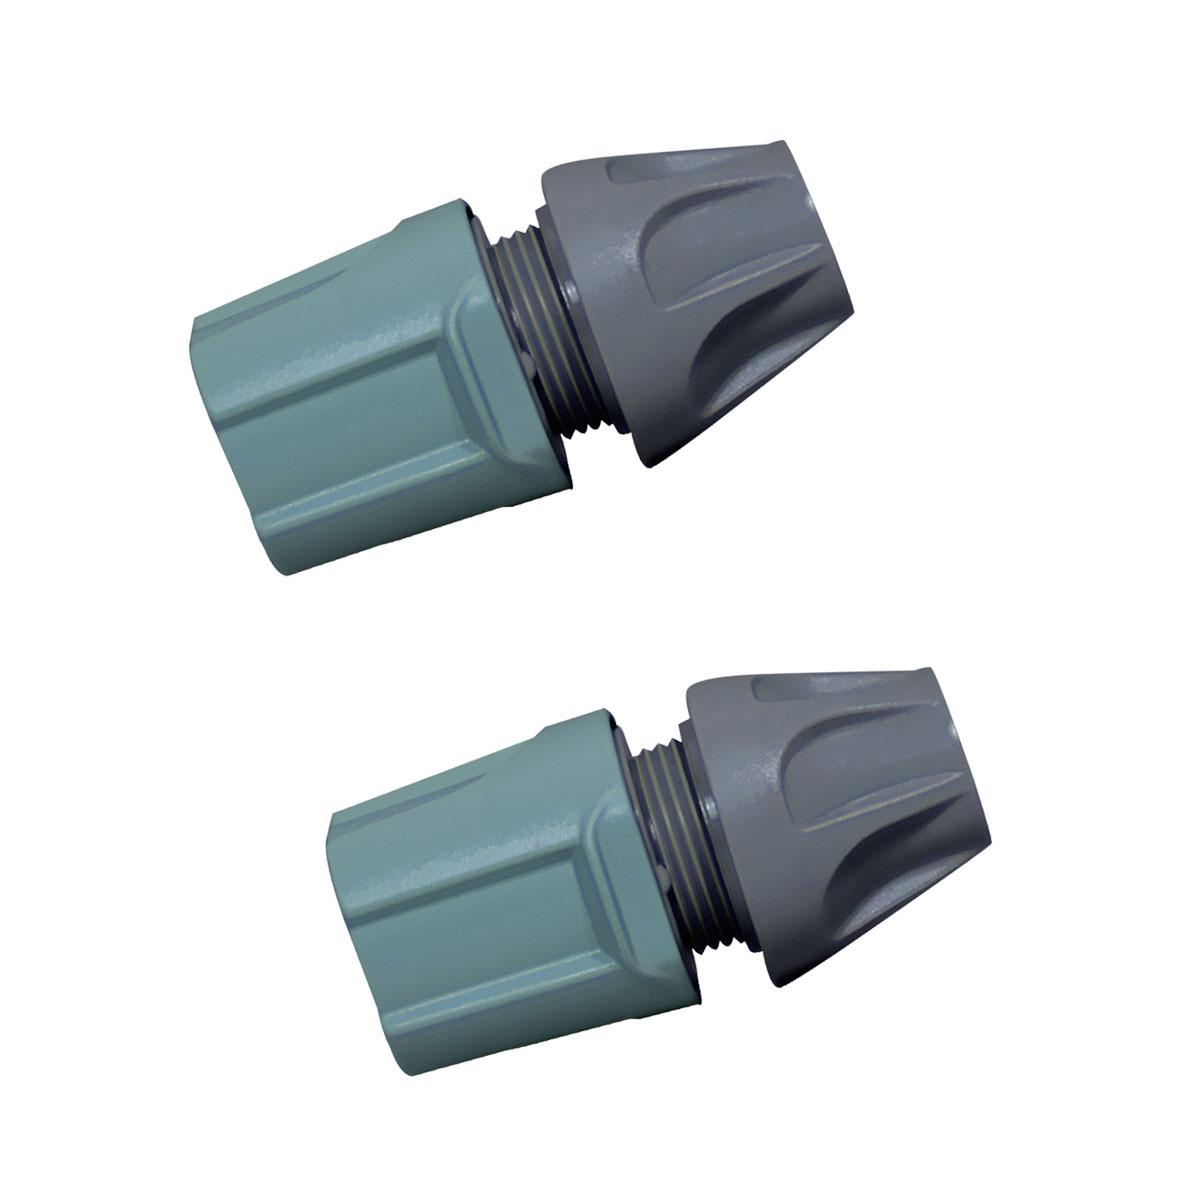 Ny Fleksibel vandslange - Magic Soft Smart - ekspandere fra 2,5 - 7,5 FG07